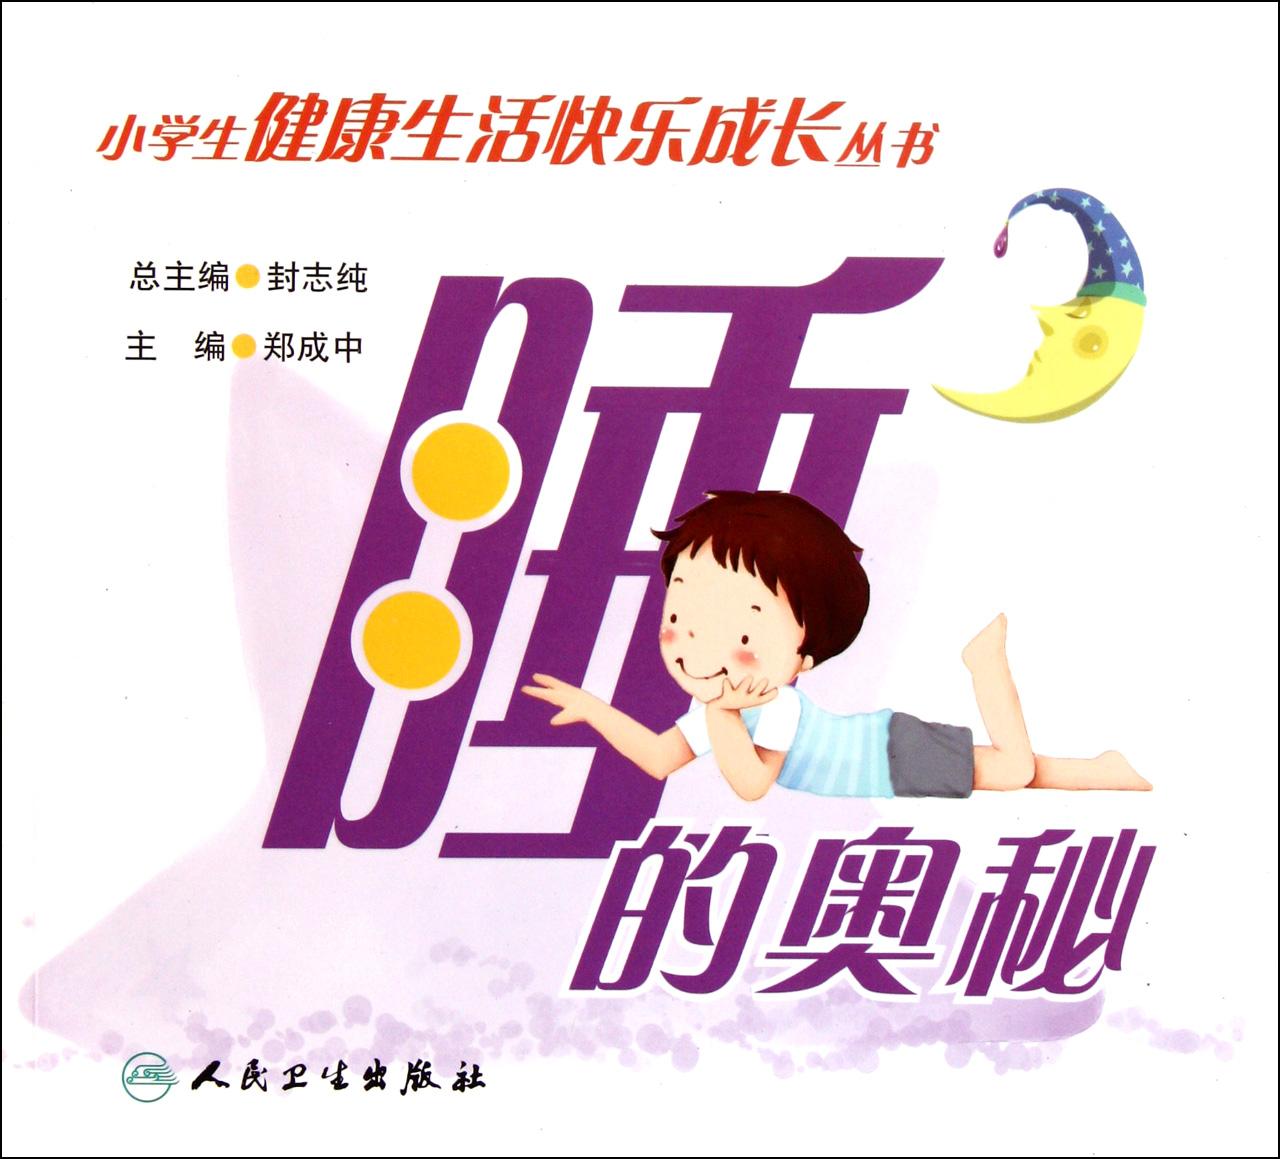 《睡的奥秘/小学生健康生活快乐成长丛书》【摘要